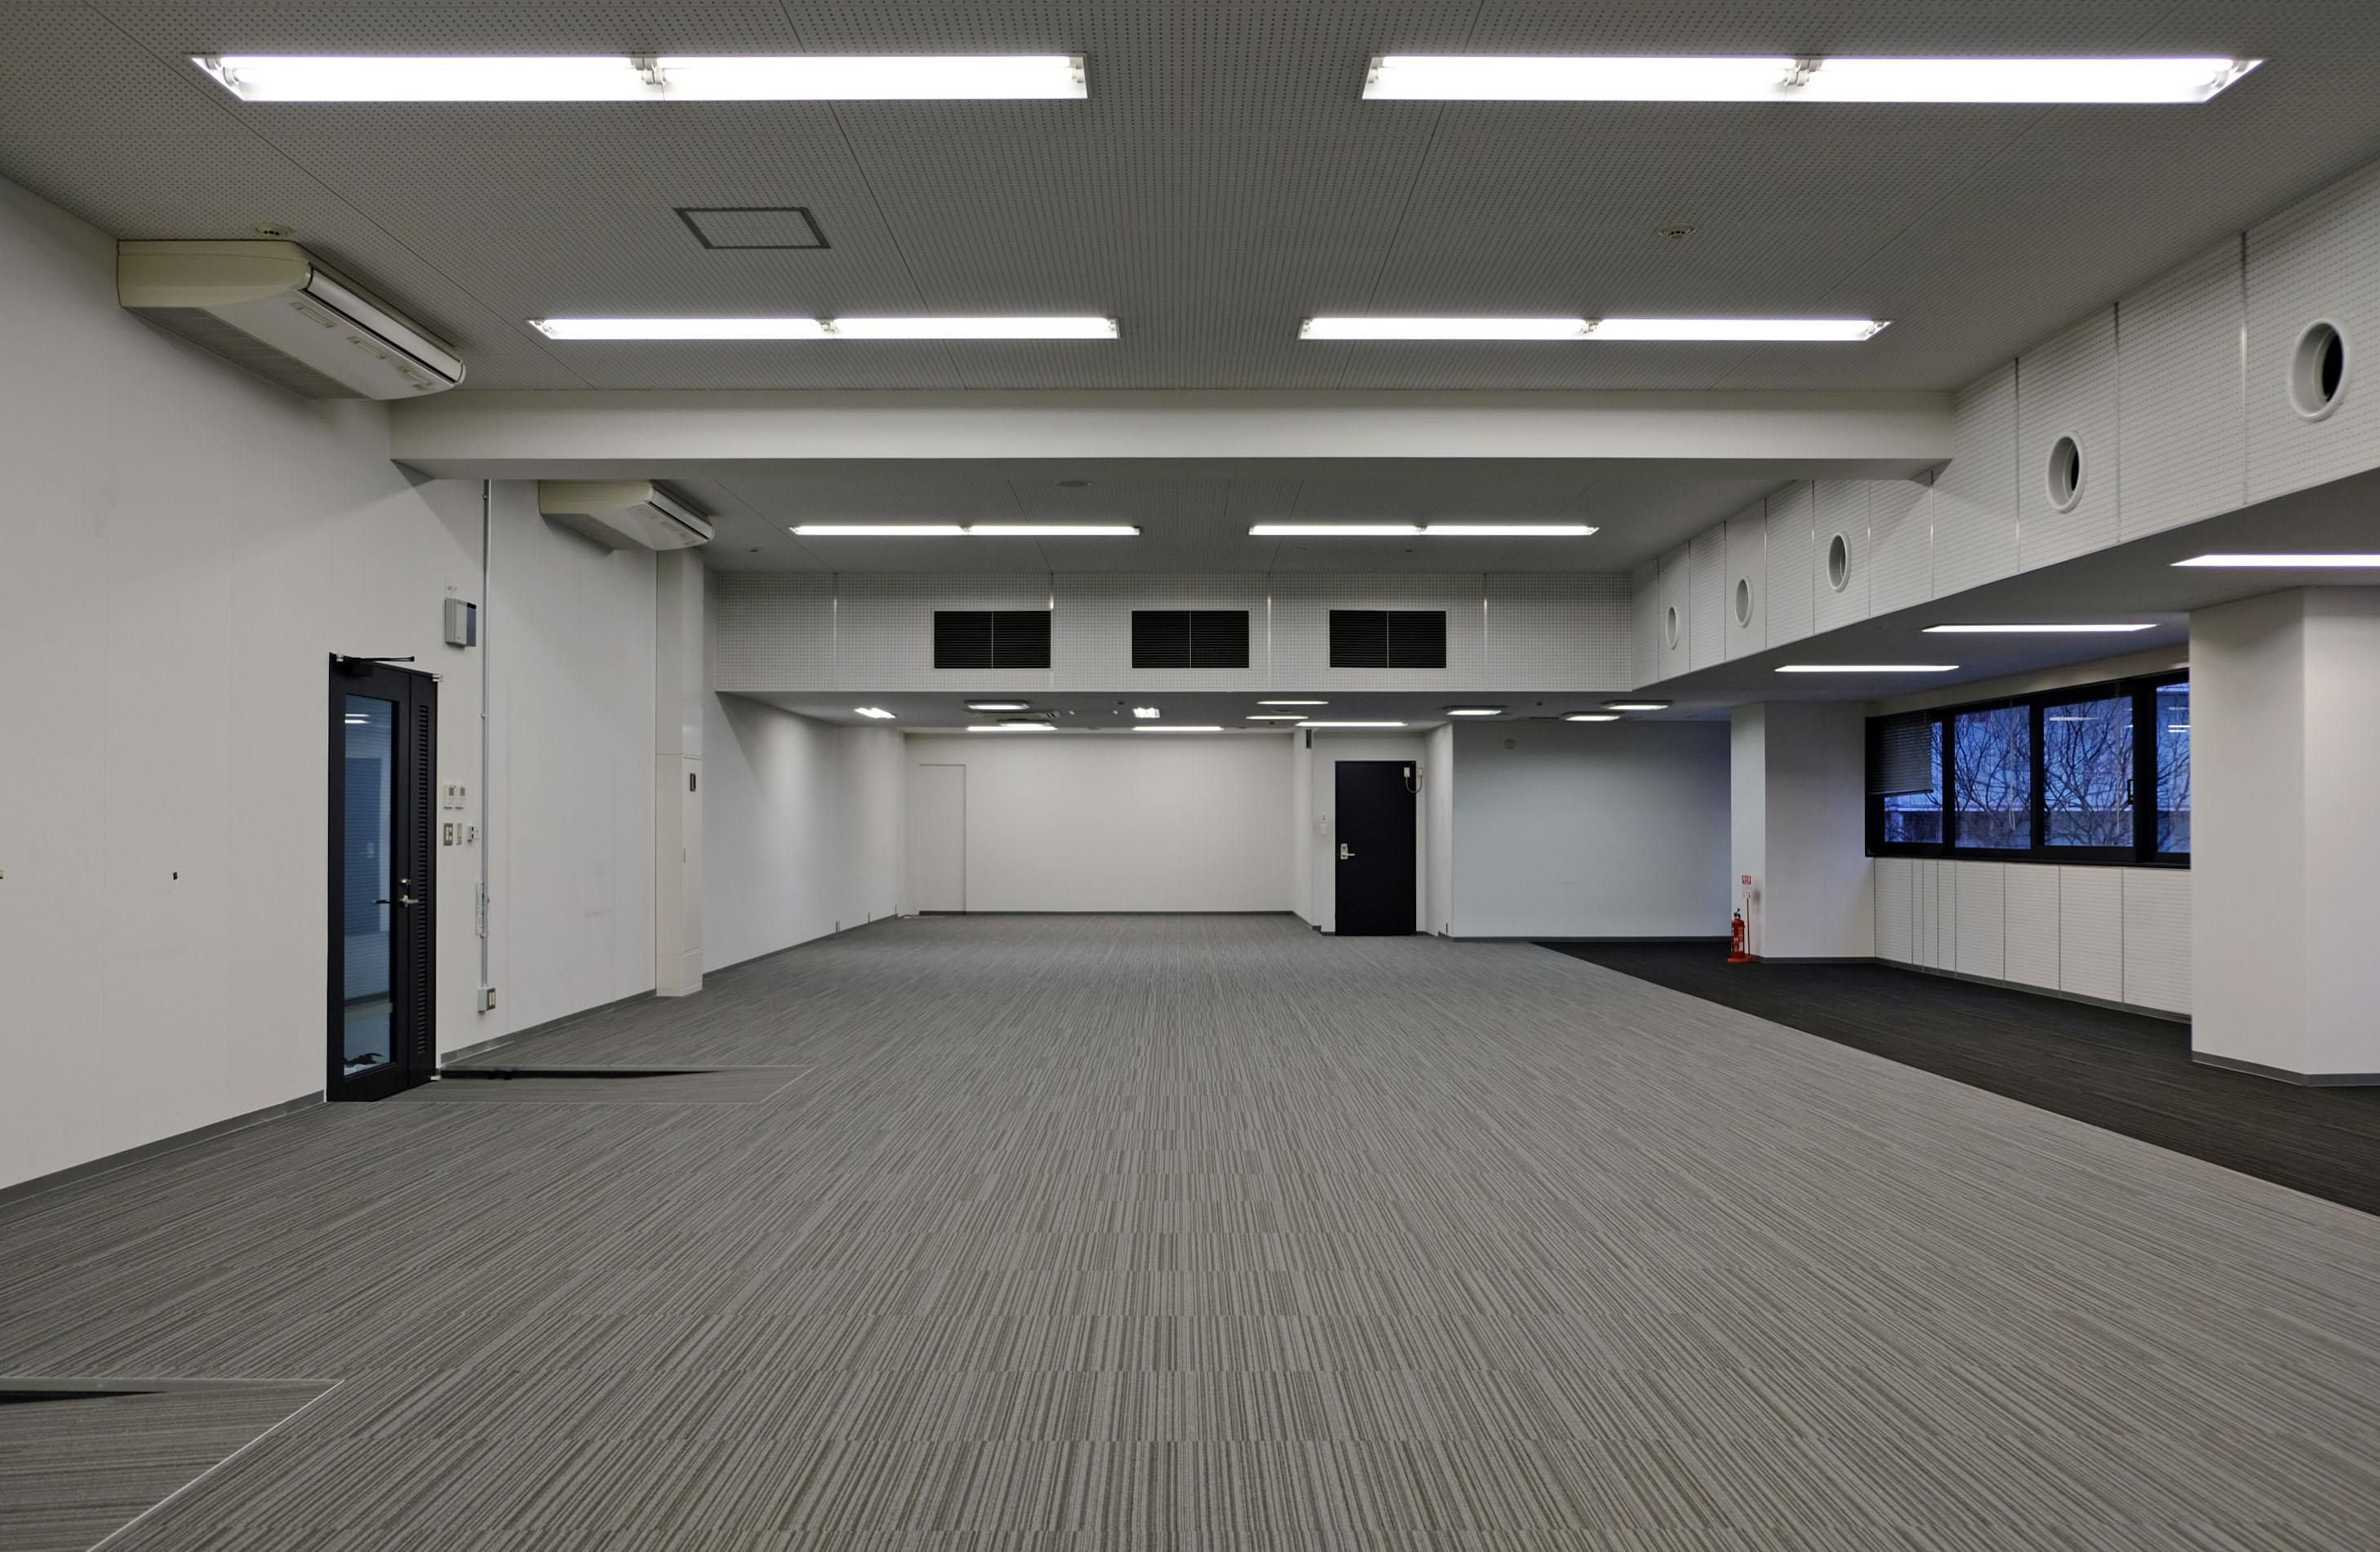 写真では伝わりにくいですが実は天井が高く容積的に開放感あります。